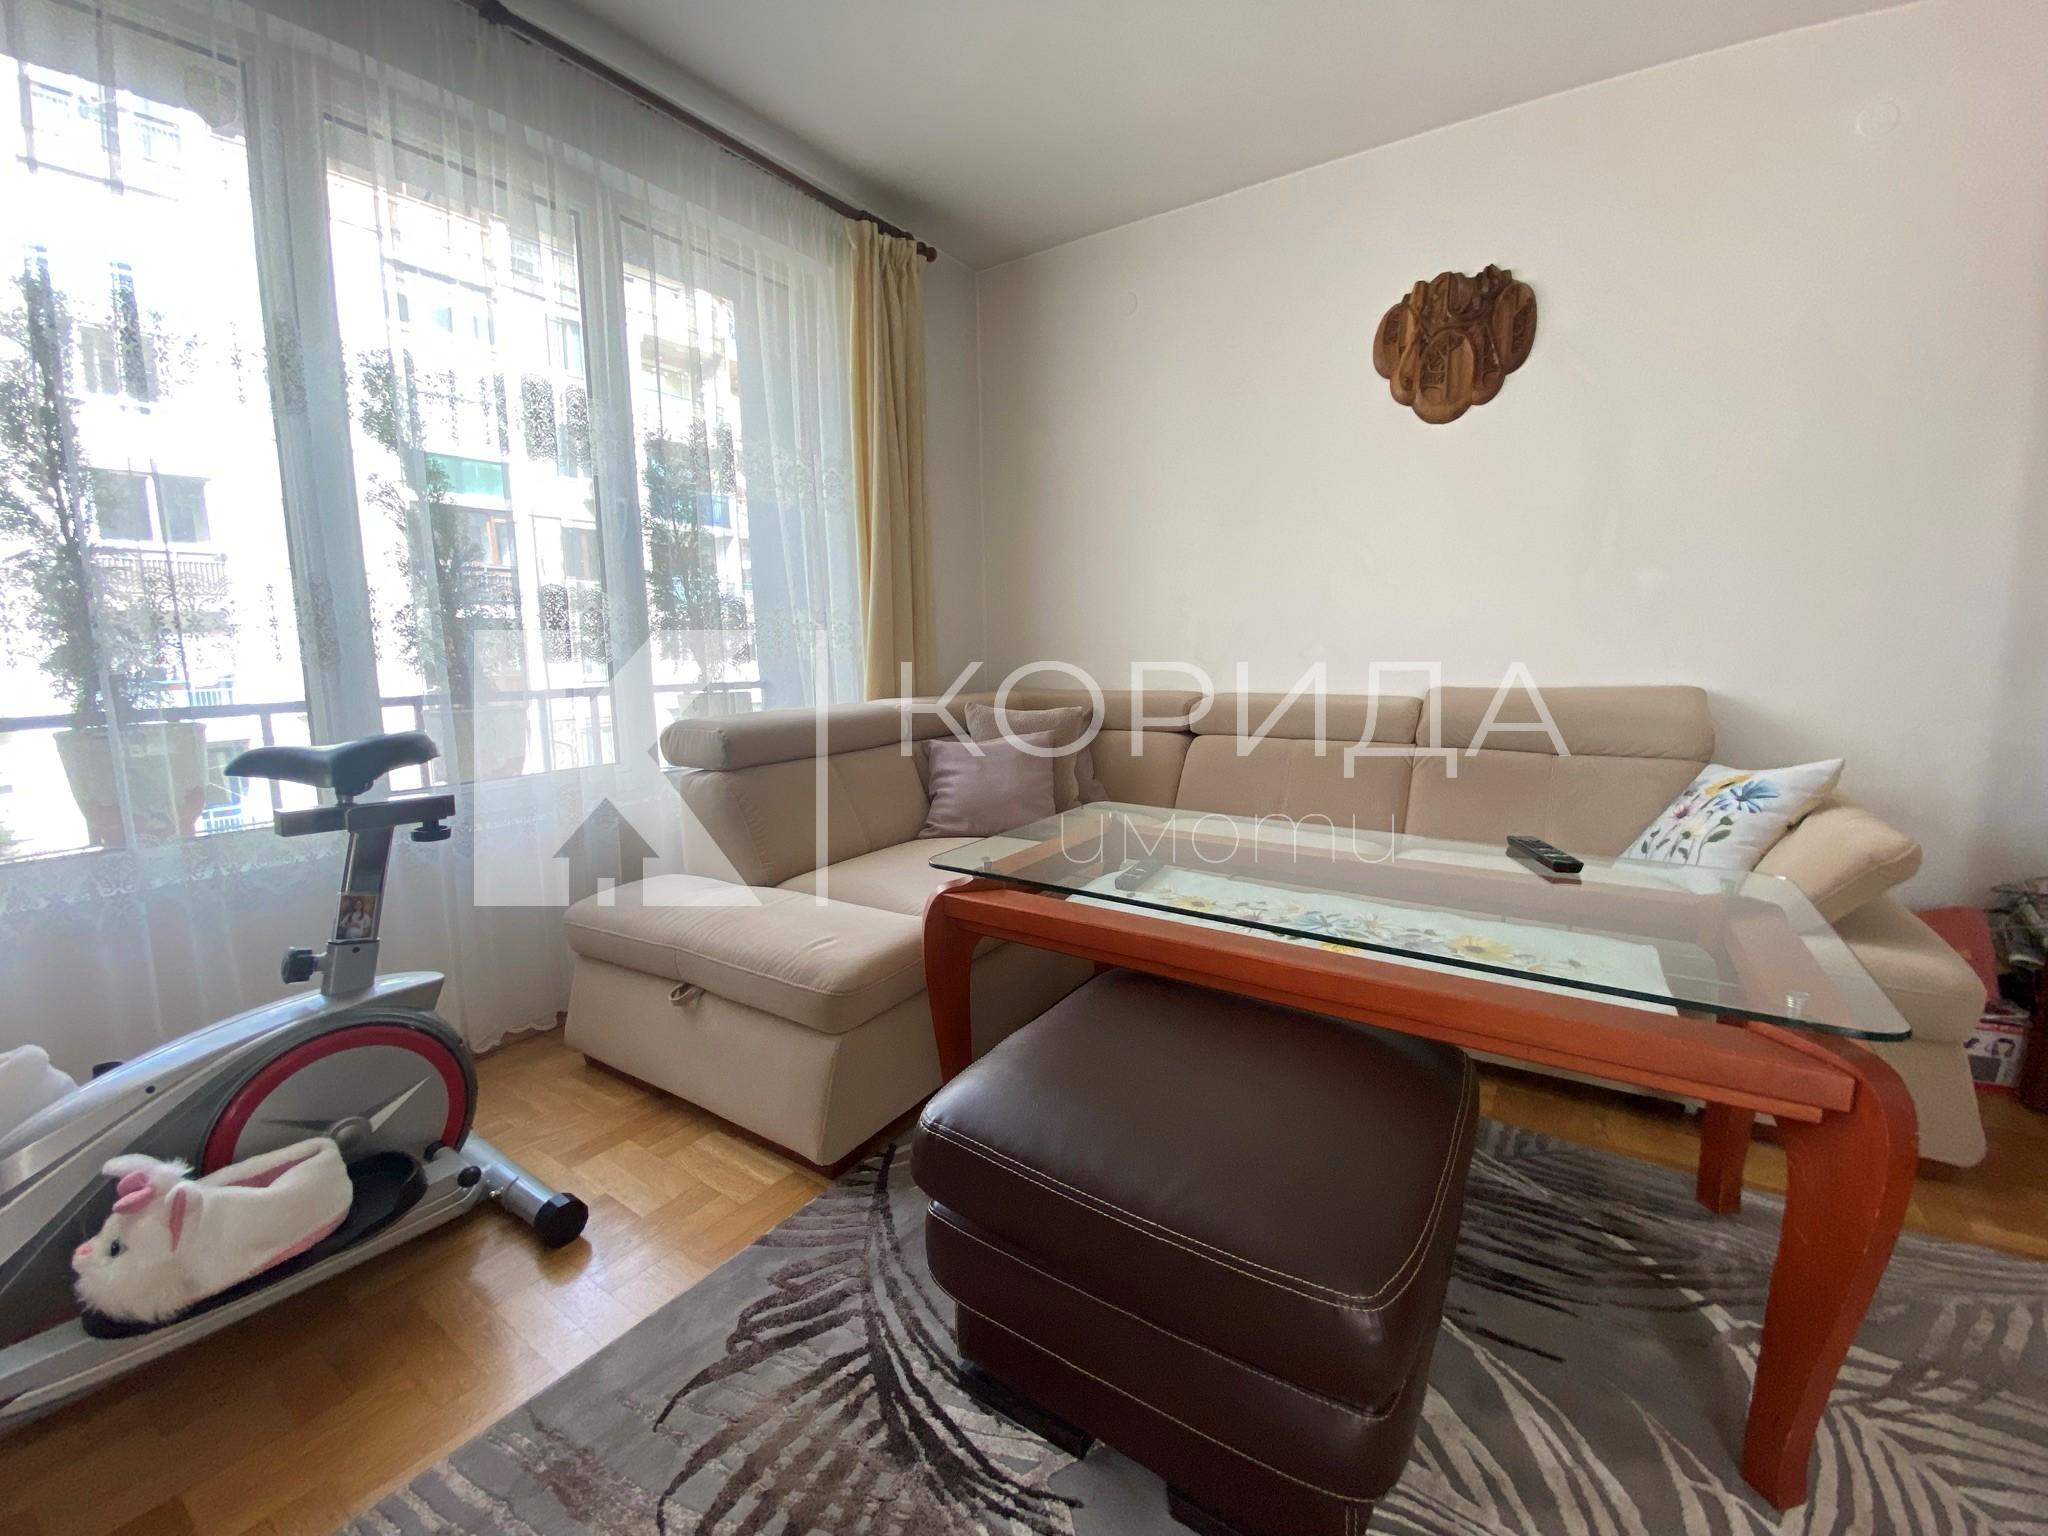 Просторен 3-стаен апартамент на ул. Ворино